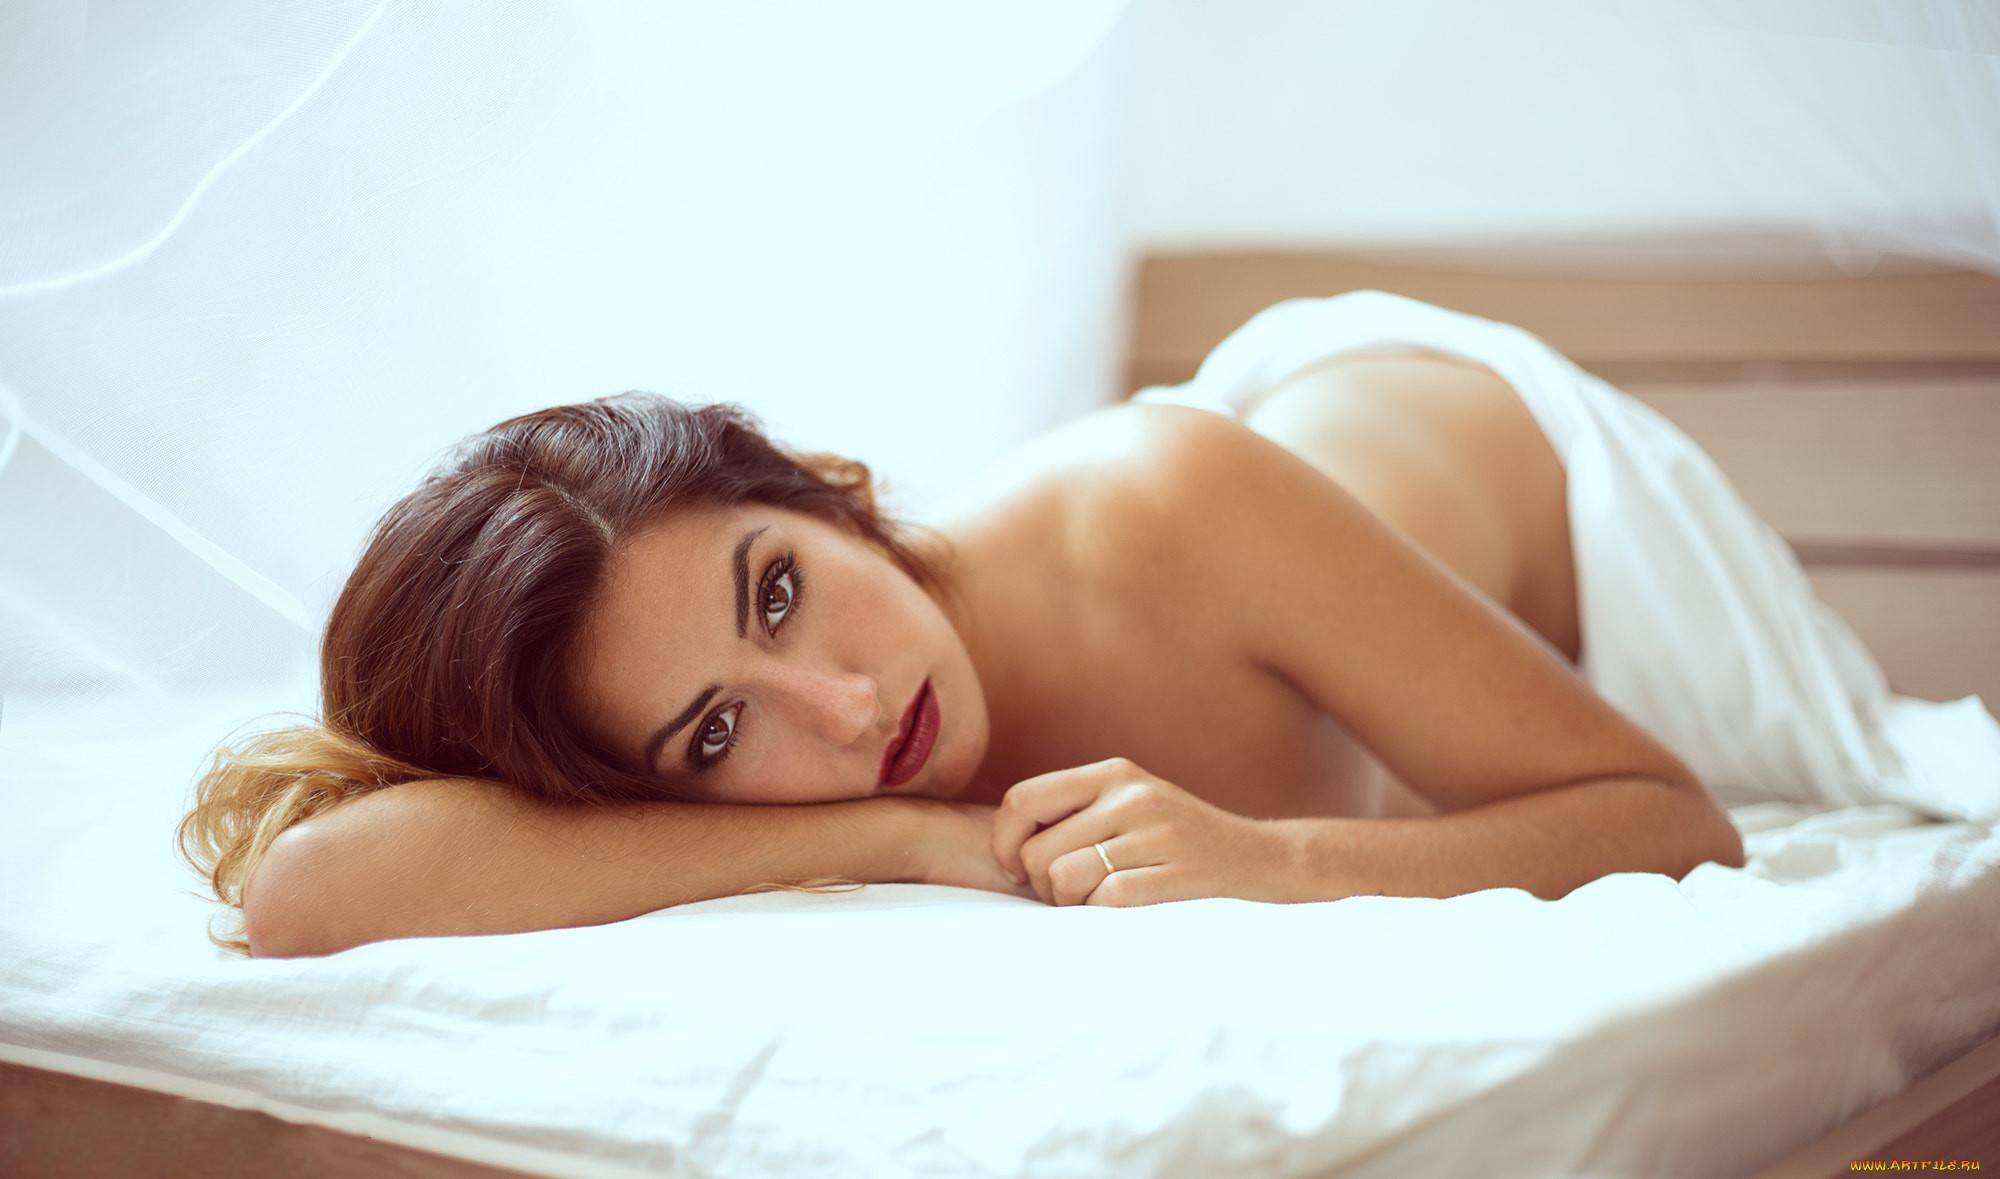 Обнаженная Девушка Лежит На Кровати